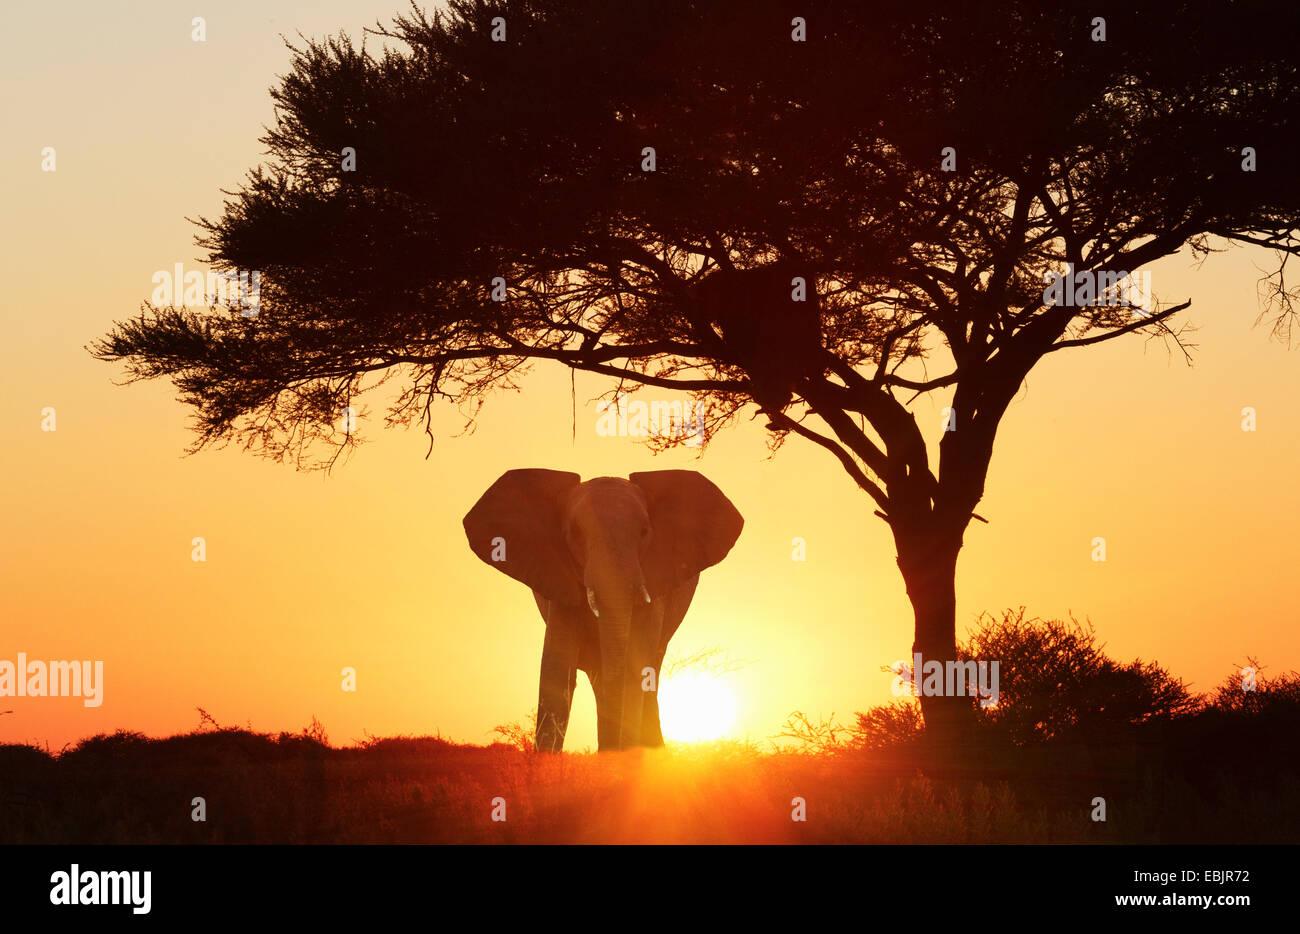 Silhouetted african elephant at sunset, Etosha National Park, Namibia - Stock Image